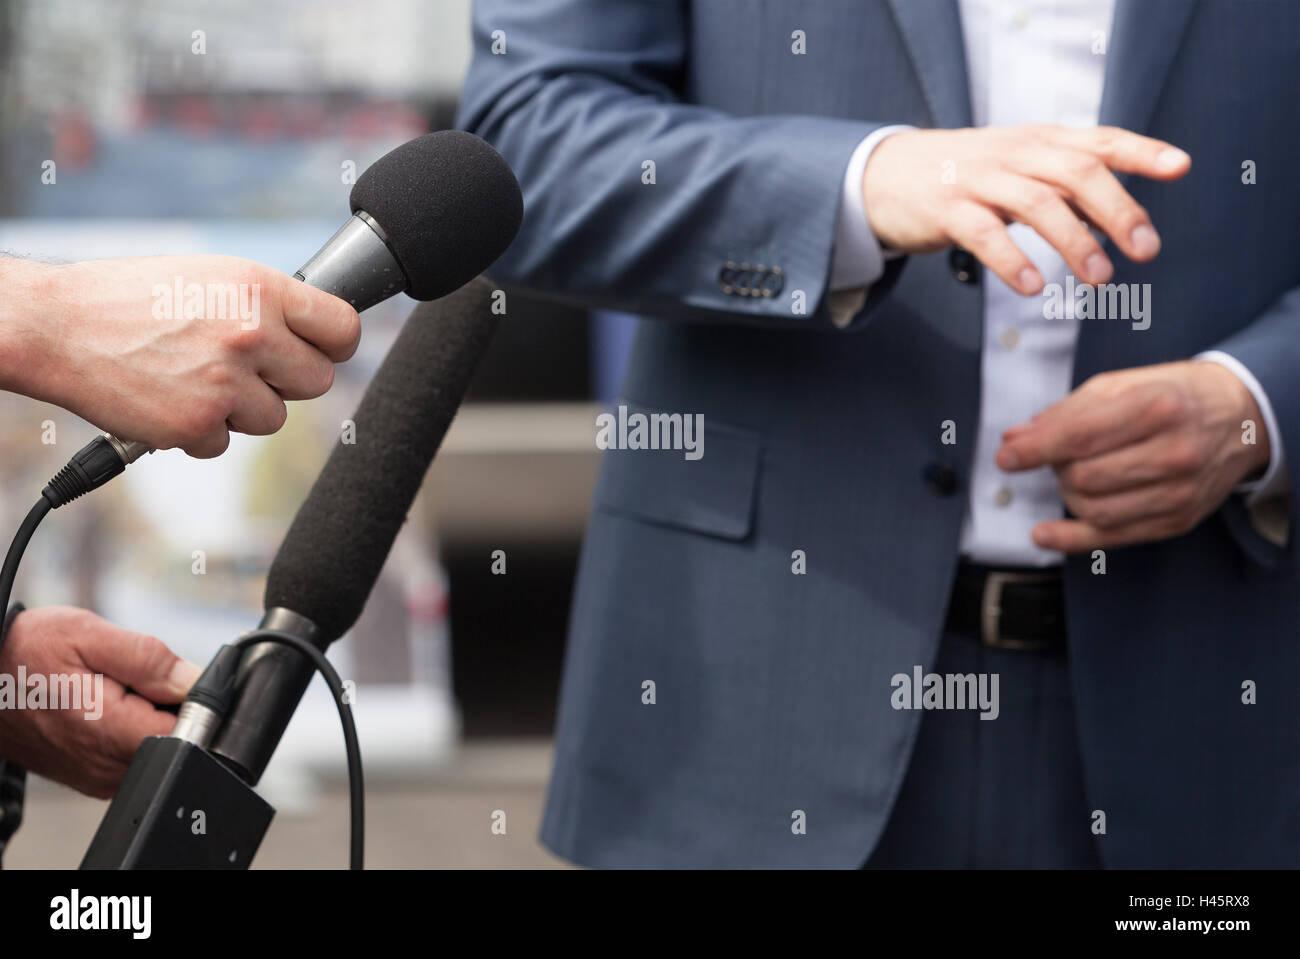 Los reporteros que hacían entrevista con el empresario, político o portavoz. Conferencia de prensa. Imagen De Stock